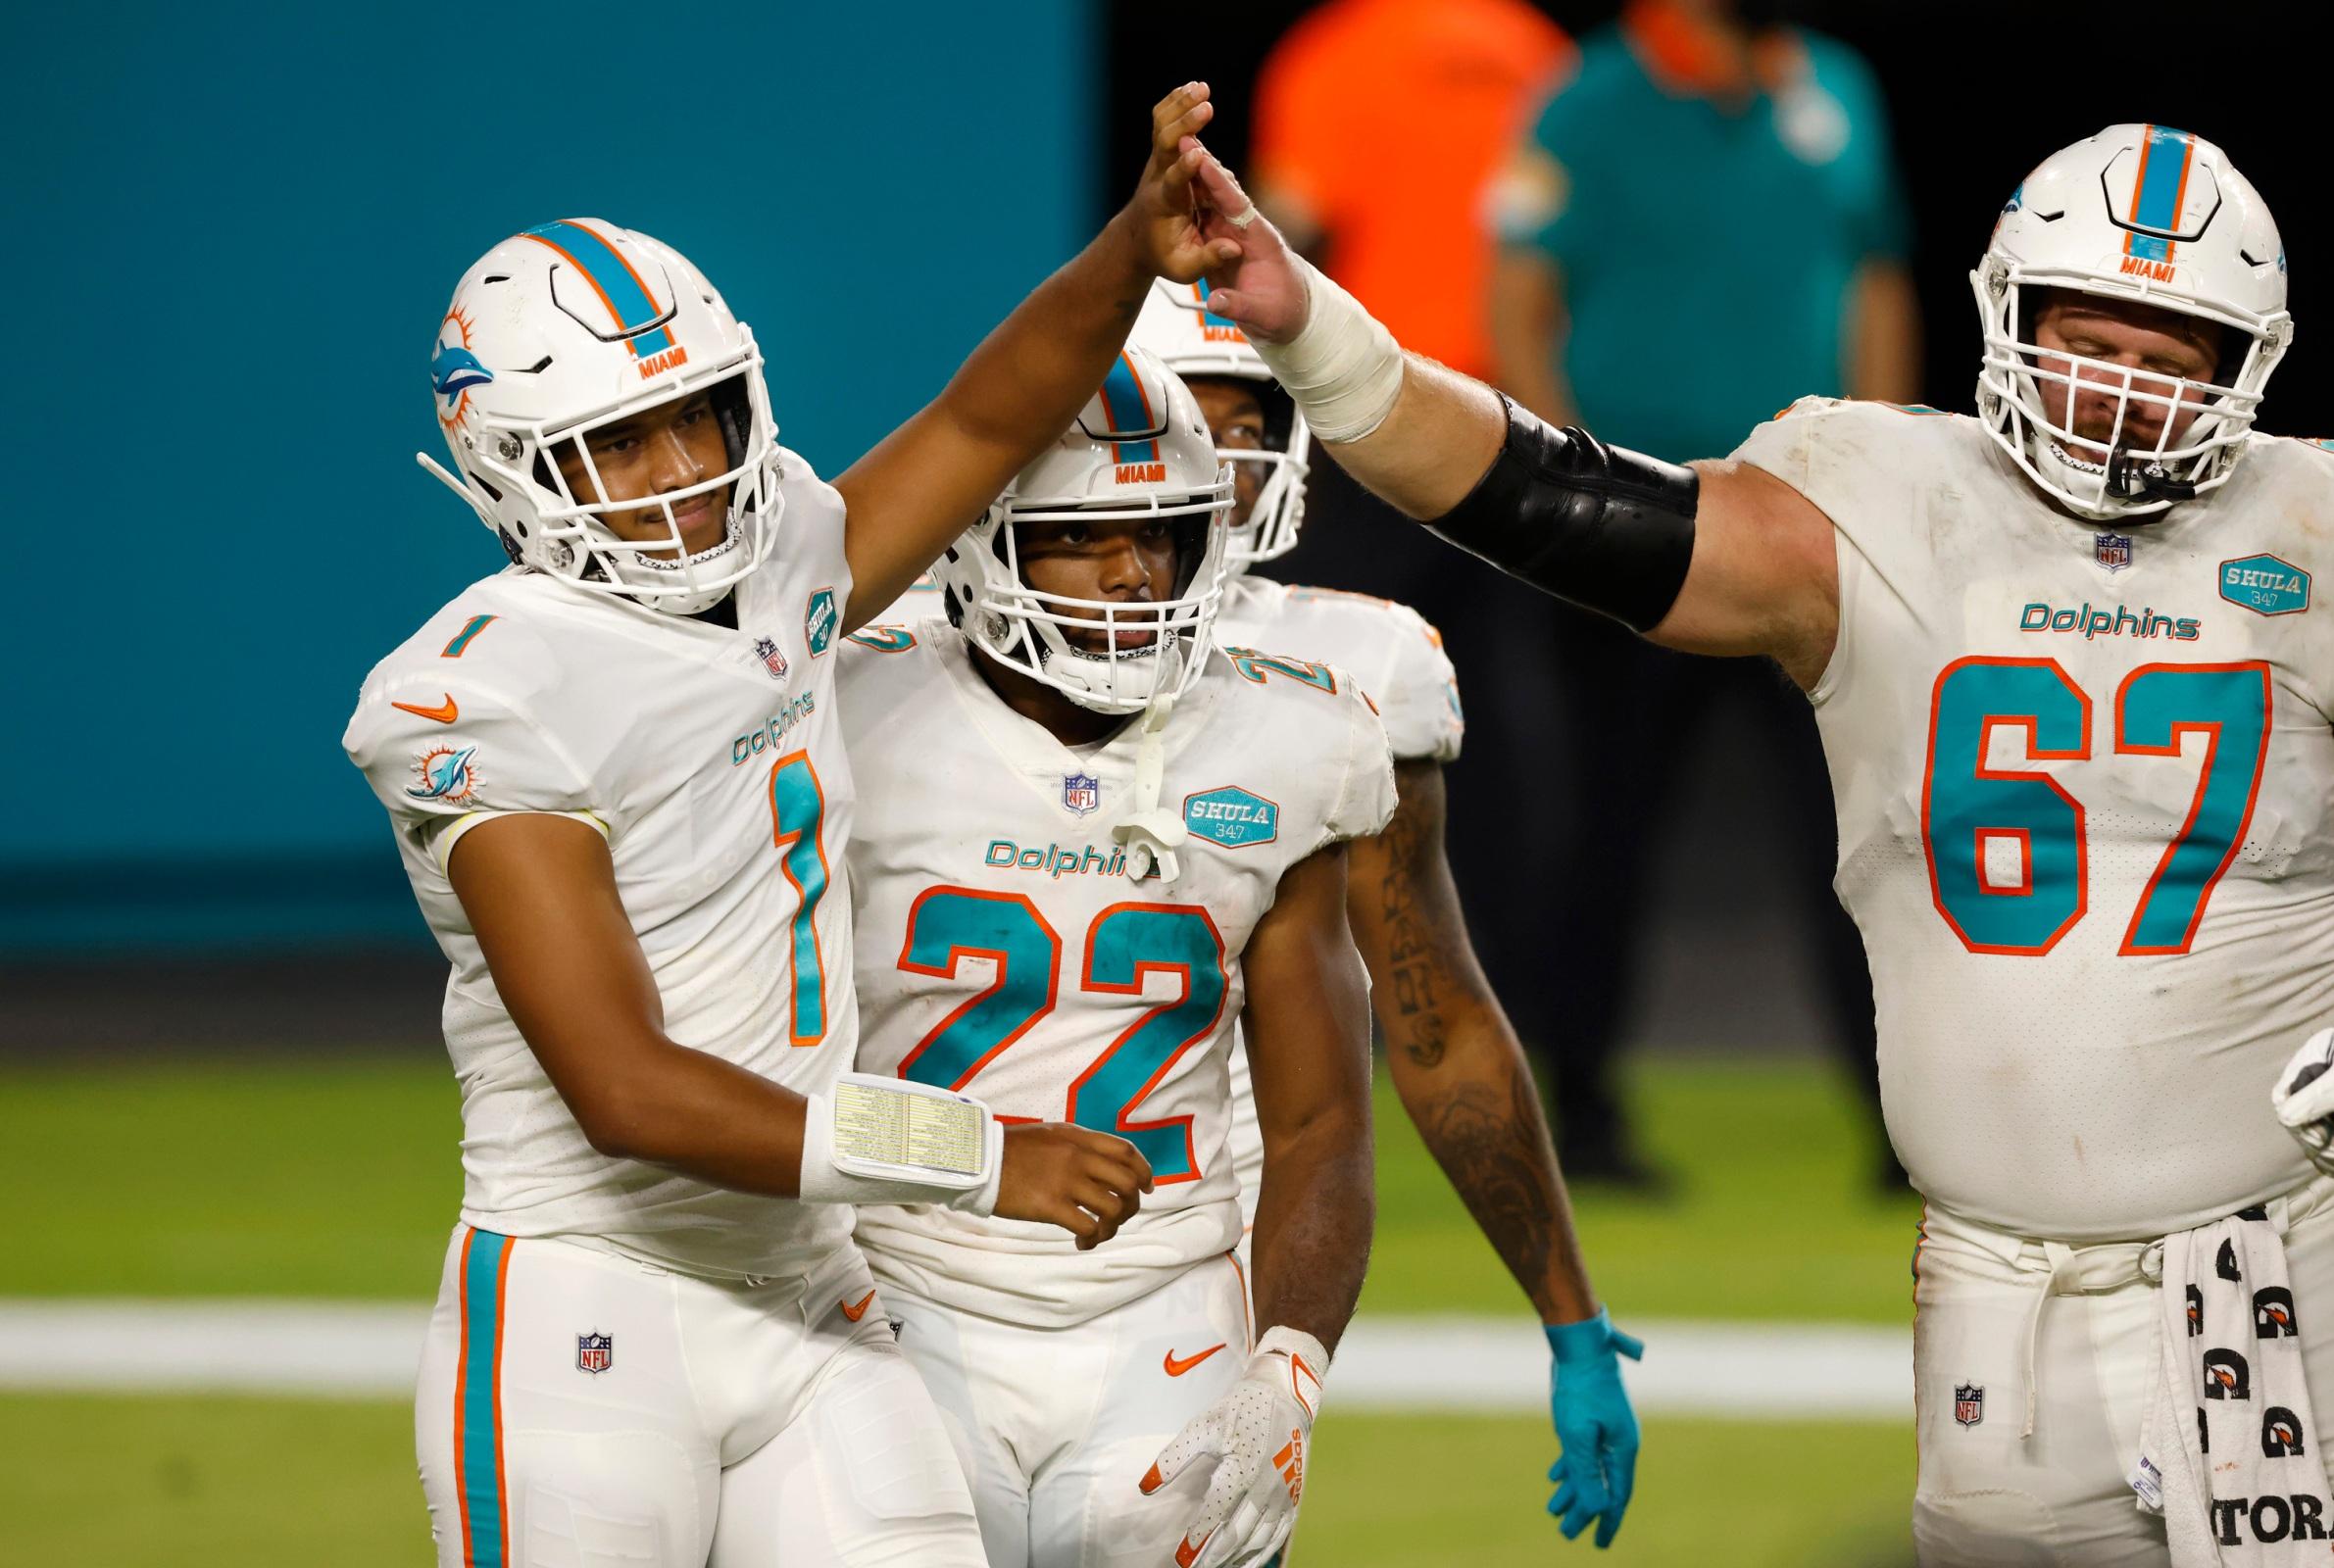 Quarterback Tua Tagovailoa #1 of the Miami Dolphins high fives teammate Ted Karras